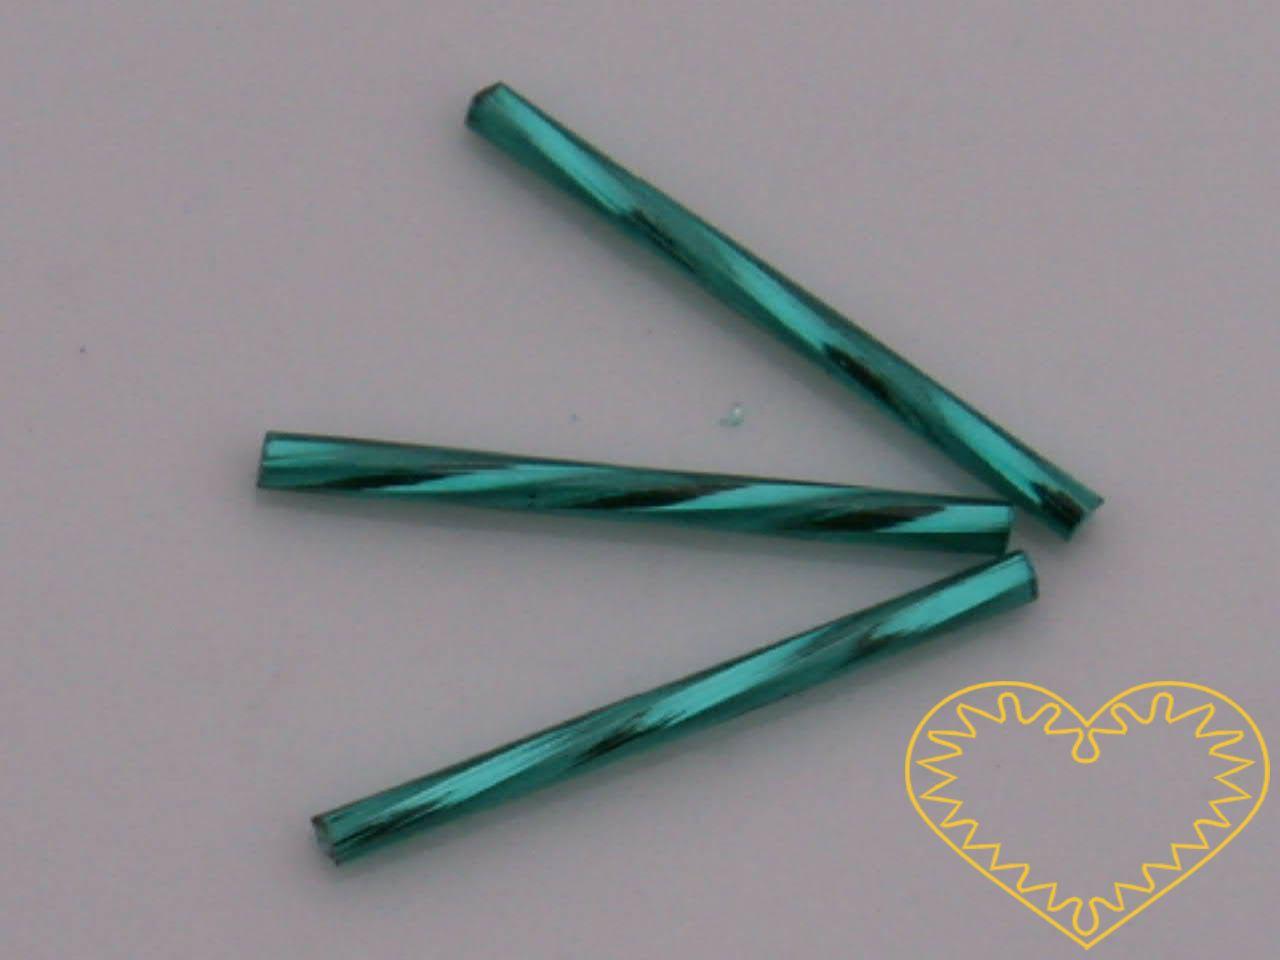 Rokajl - tyrkysové kroucené čípky délky cca 3 cm, s průtahem, balení 20 g. Vhodné na výrobu šperků i vánočních ozdob.